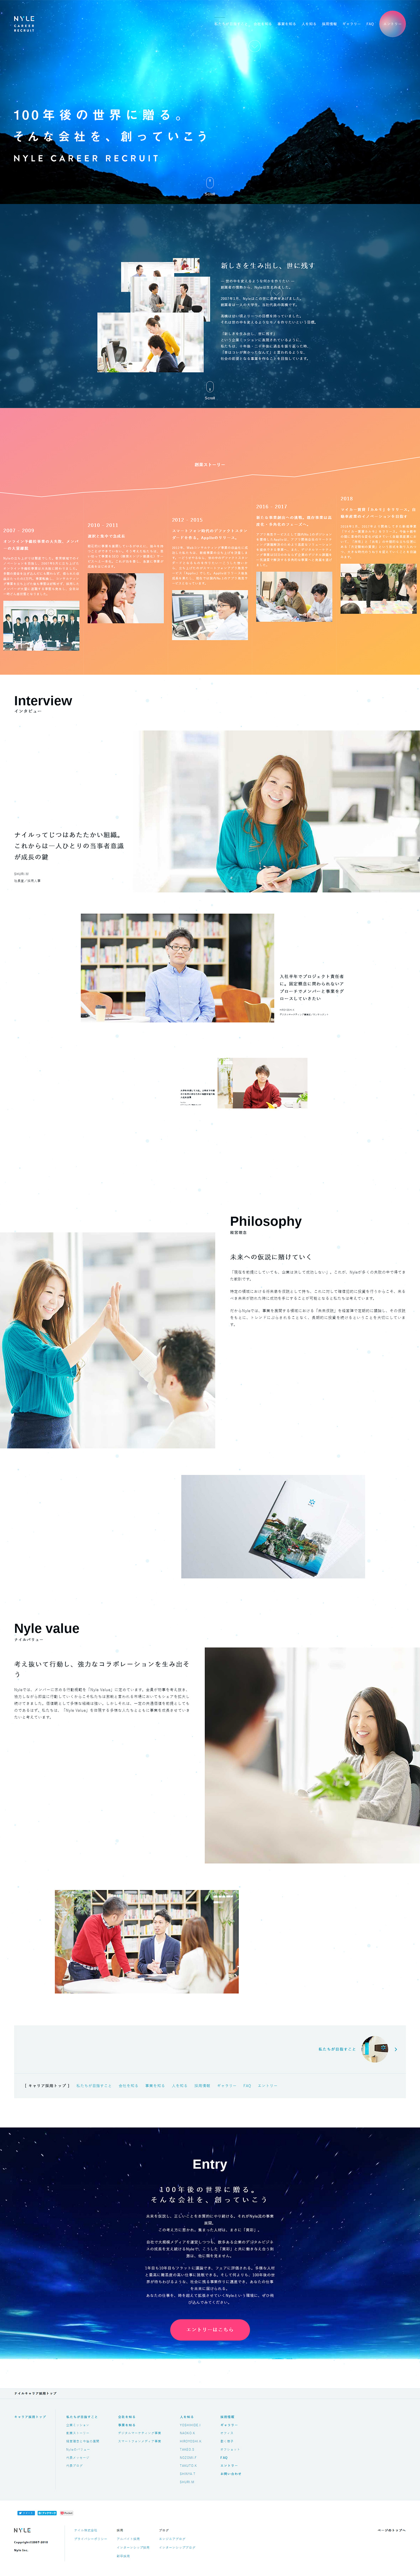 キャリア採用   ナイル株式会社-创意,网页设计,创意设计,创意网站,字体设计,创意作品,设计作品,网站欣赏,优,ui设计,设计,设计师,优秀设计,设计导航,电商设计,动漫设计,三维设计,平面设计